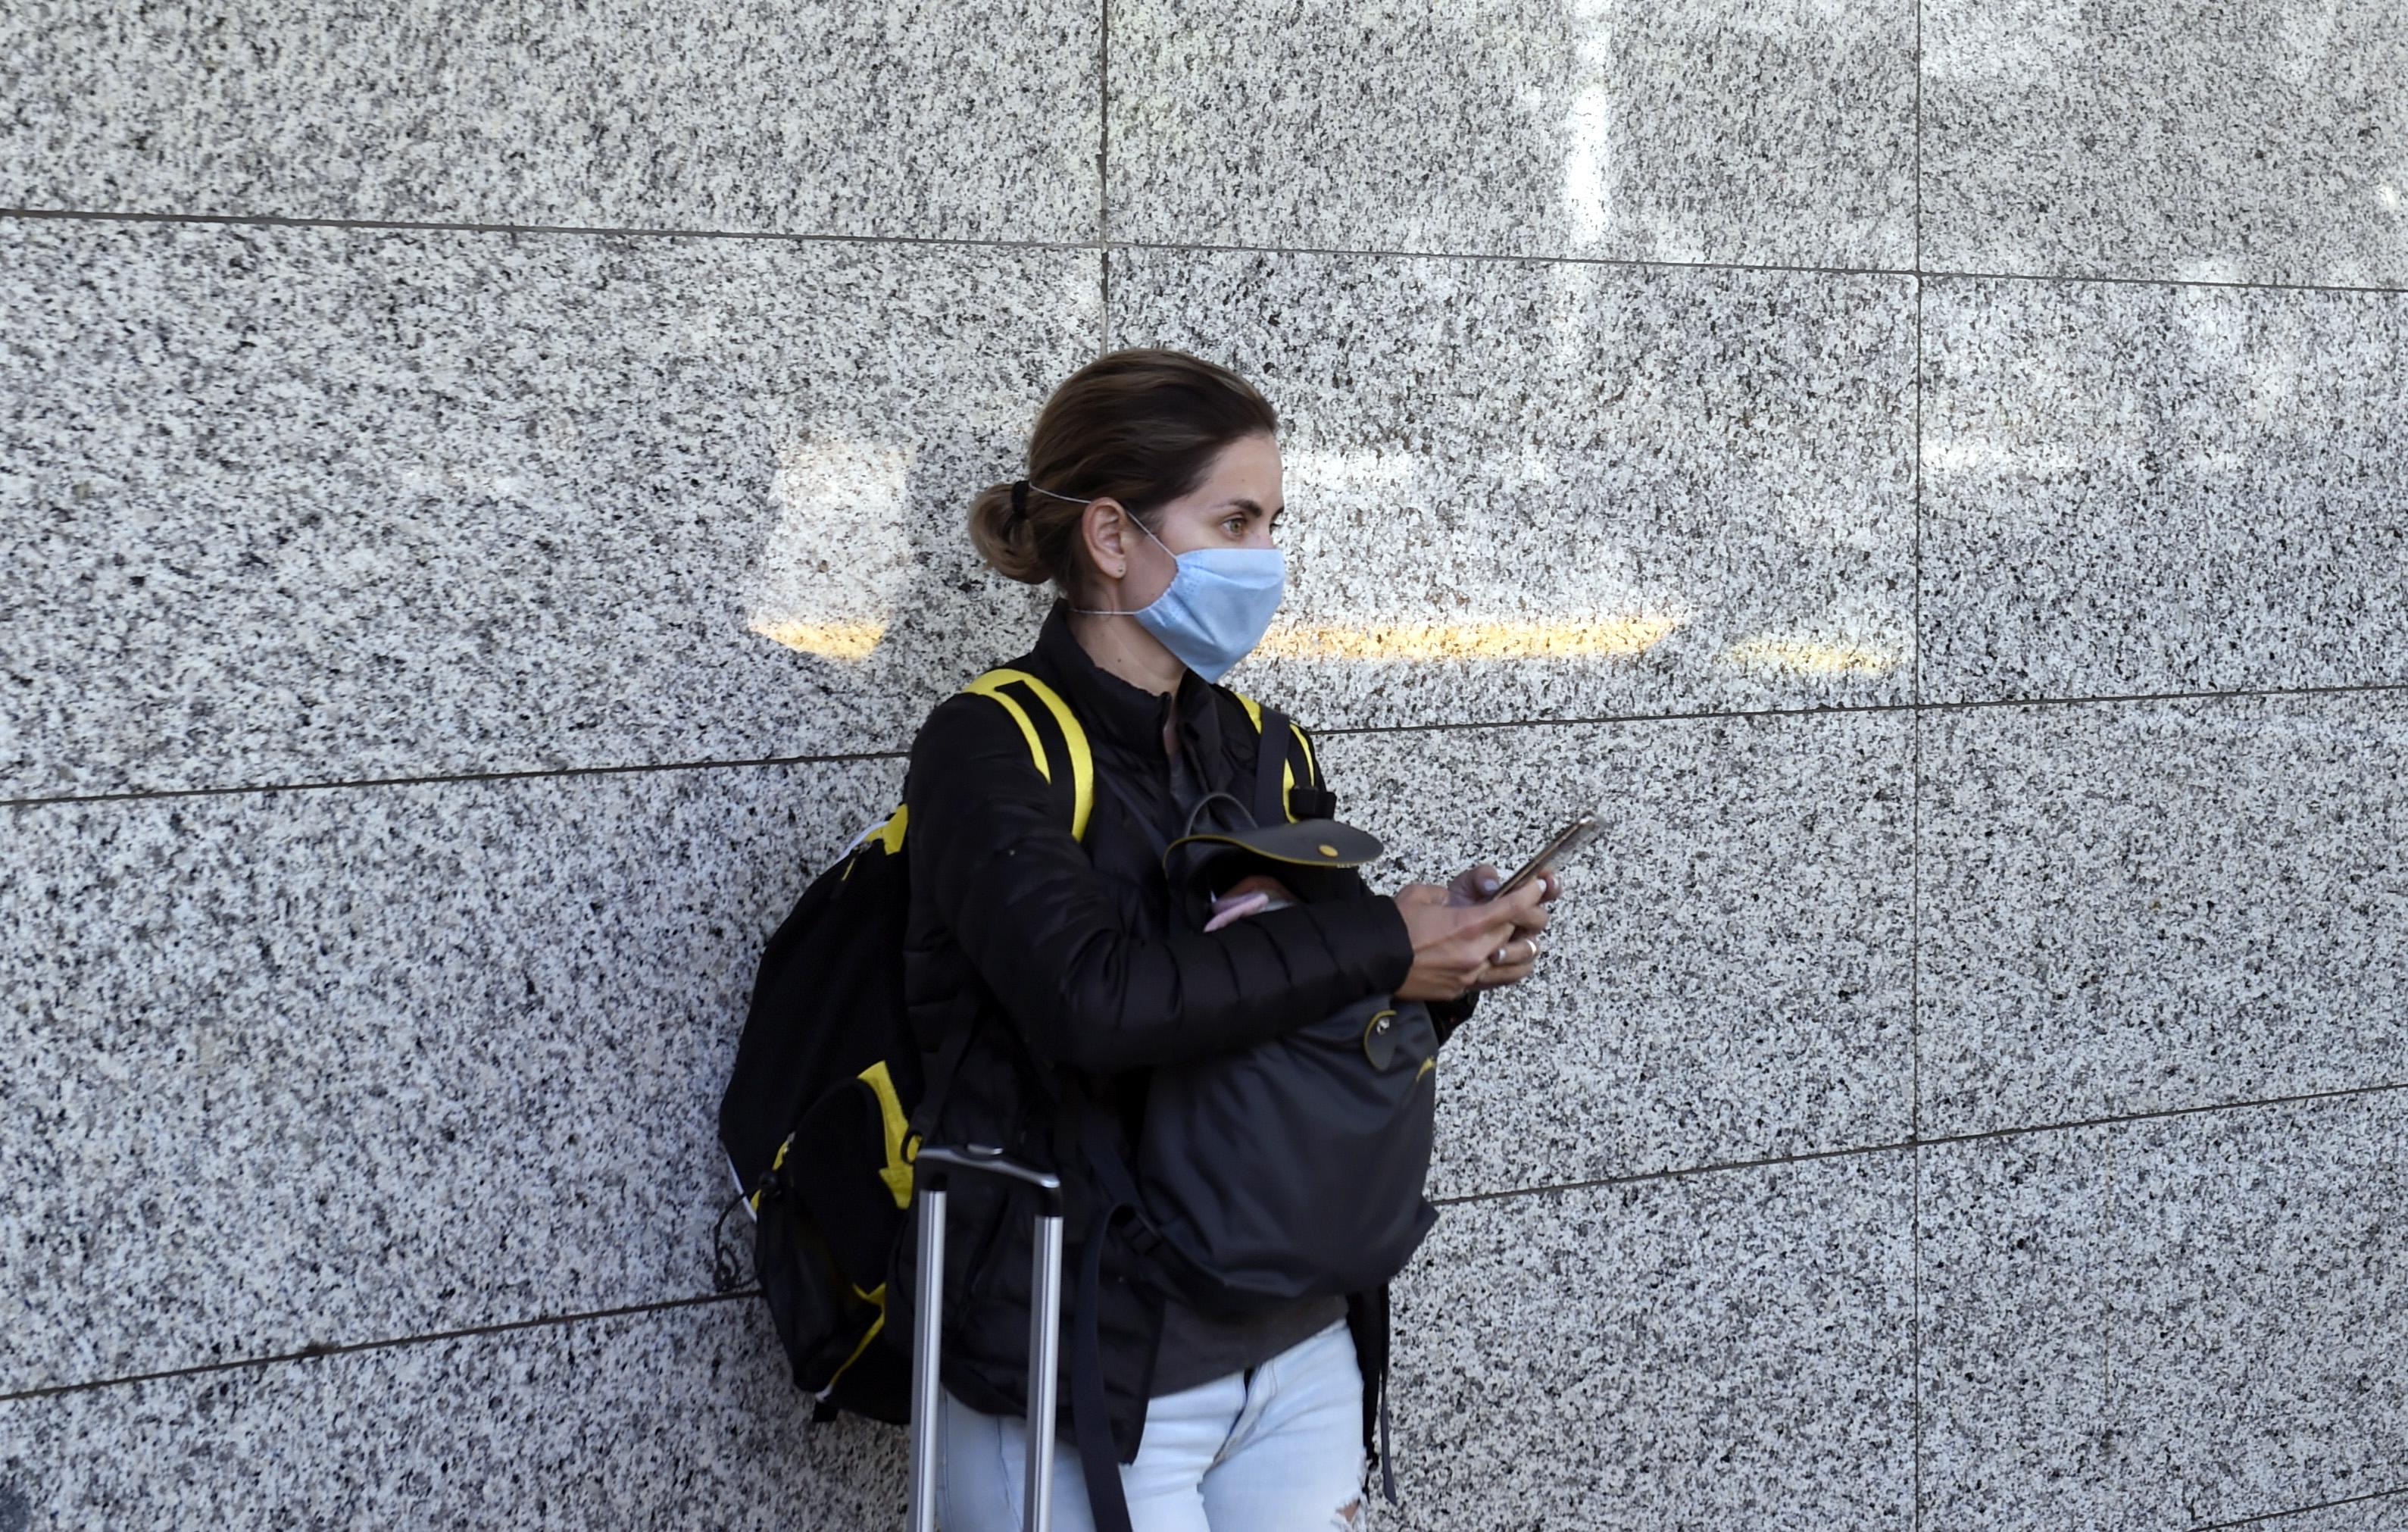 Los pasajeros usan máscaras protectoras al aterrizar en el aeropuerto internacional de la Ciudad de México, el 17 de marzo de 2020.